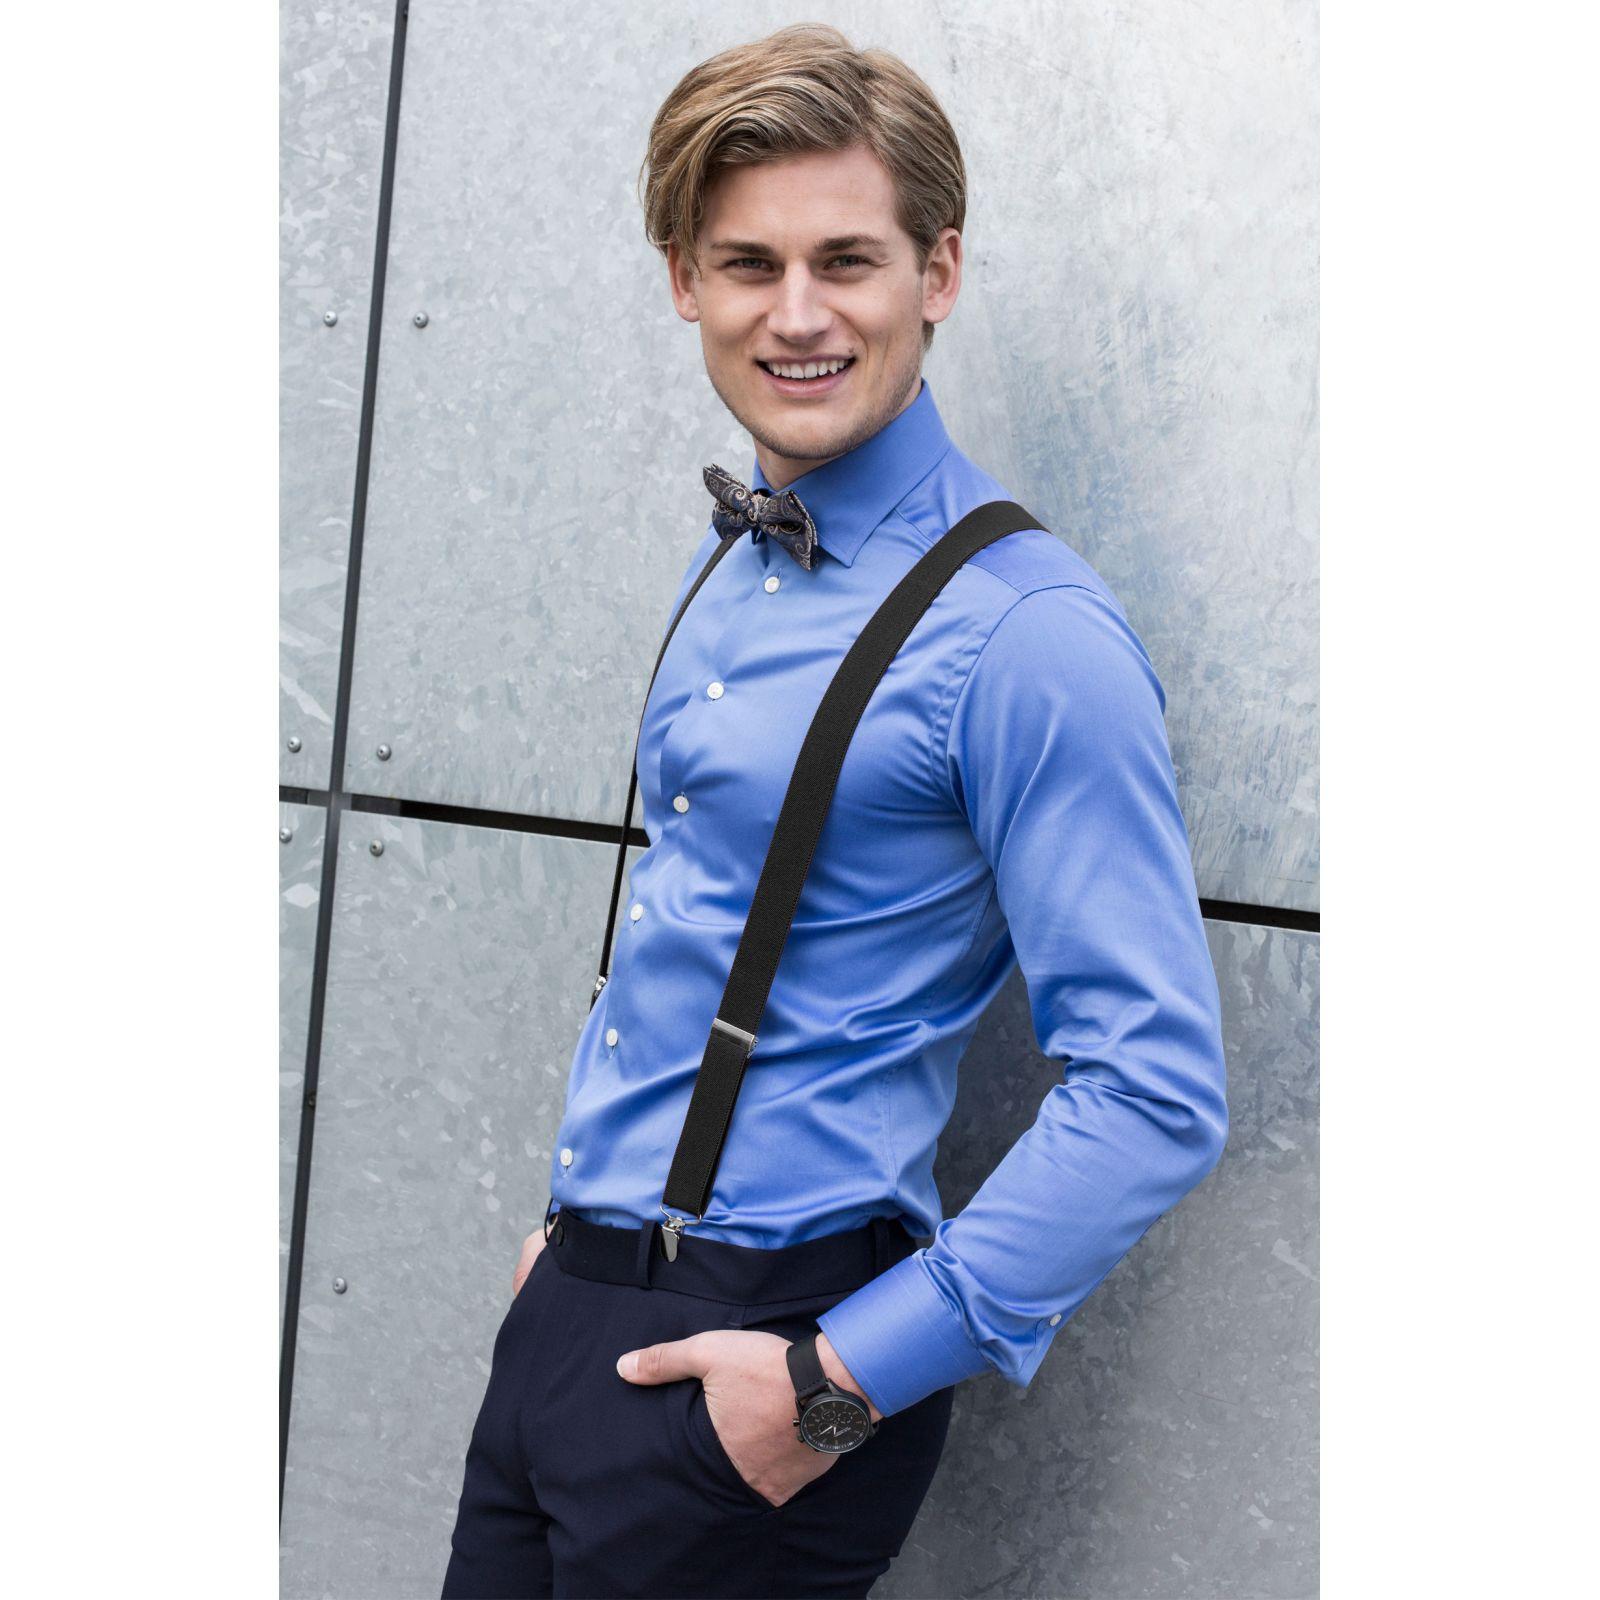 zwarte bretels op blauw overhemd